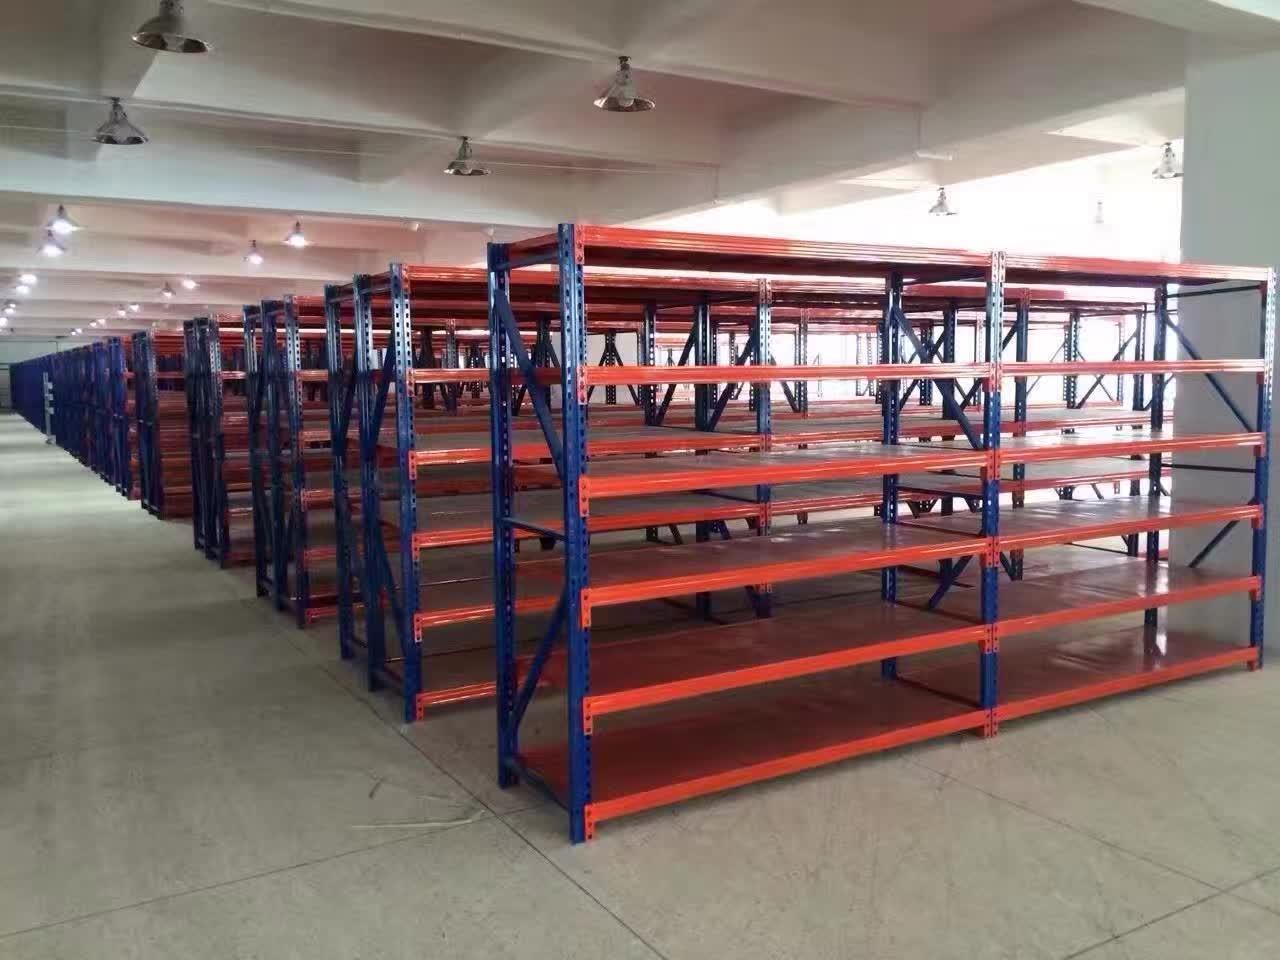 郴州顺源货架厂郴州超市仓库货架批发郴州货架定制manbetx登陆